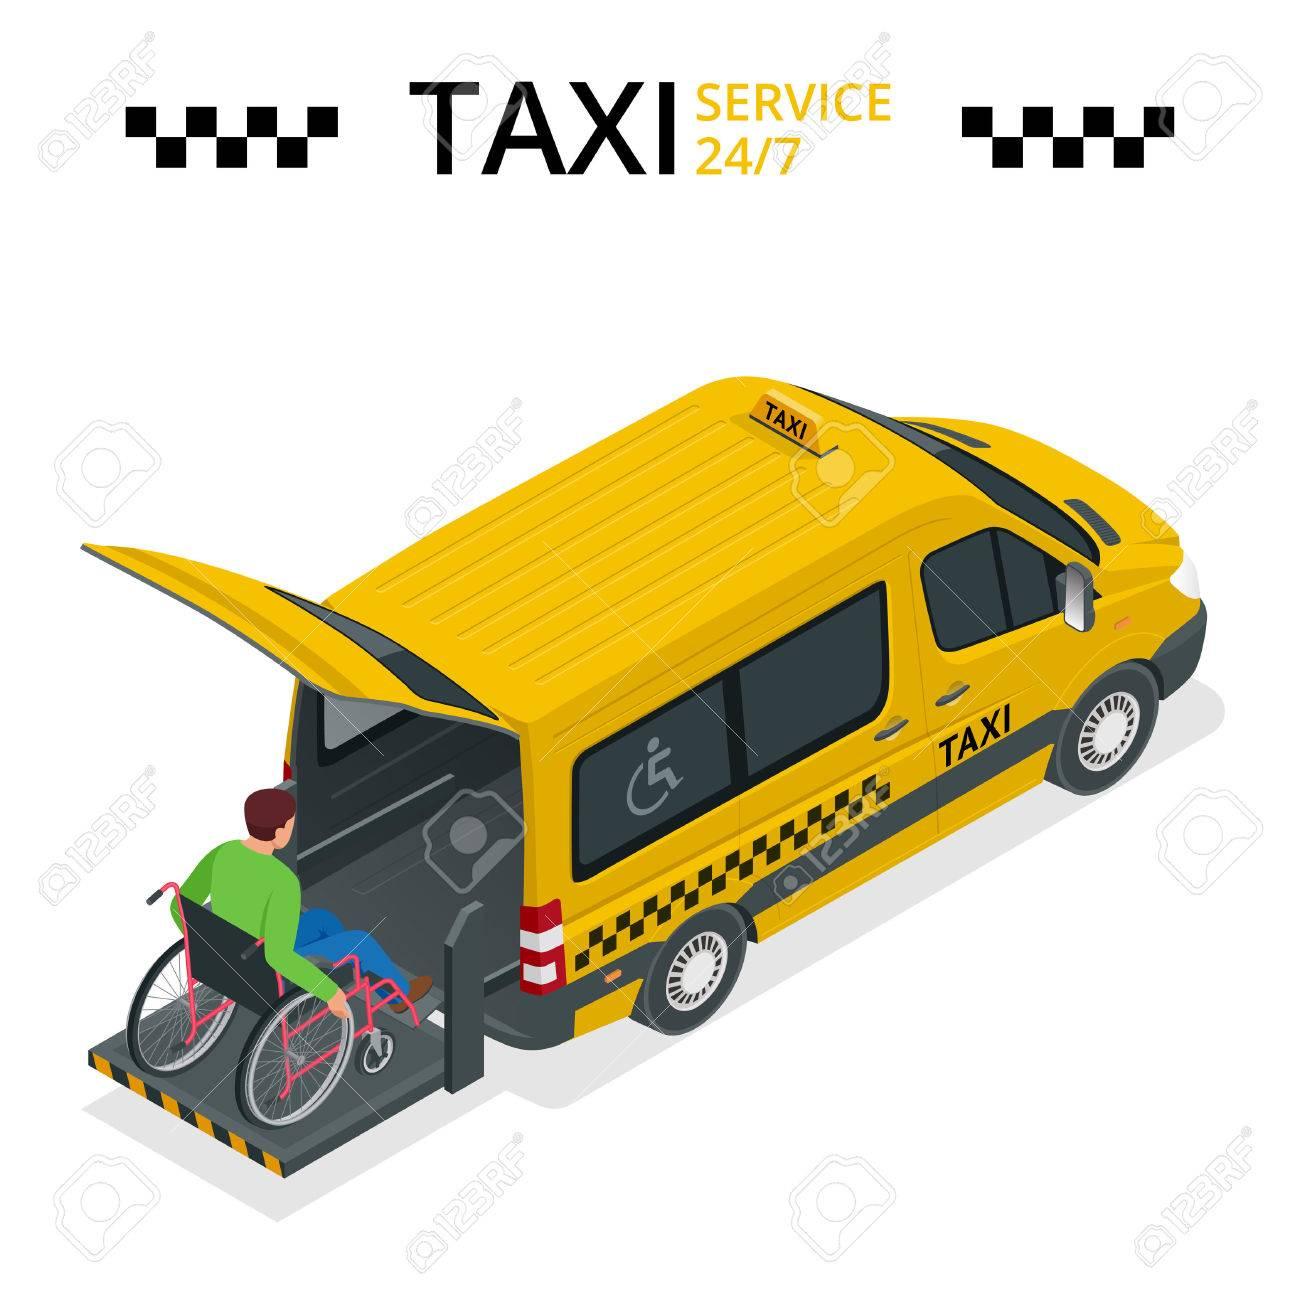 Minibús para las personas con discapacidad física. Taxi o coche para hombre en silla de ruedas. Vehículo con ascensor. Piso 3d ilustración isométrica